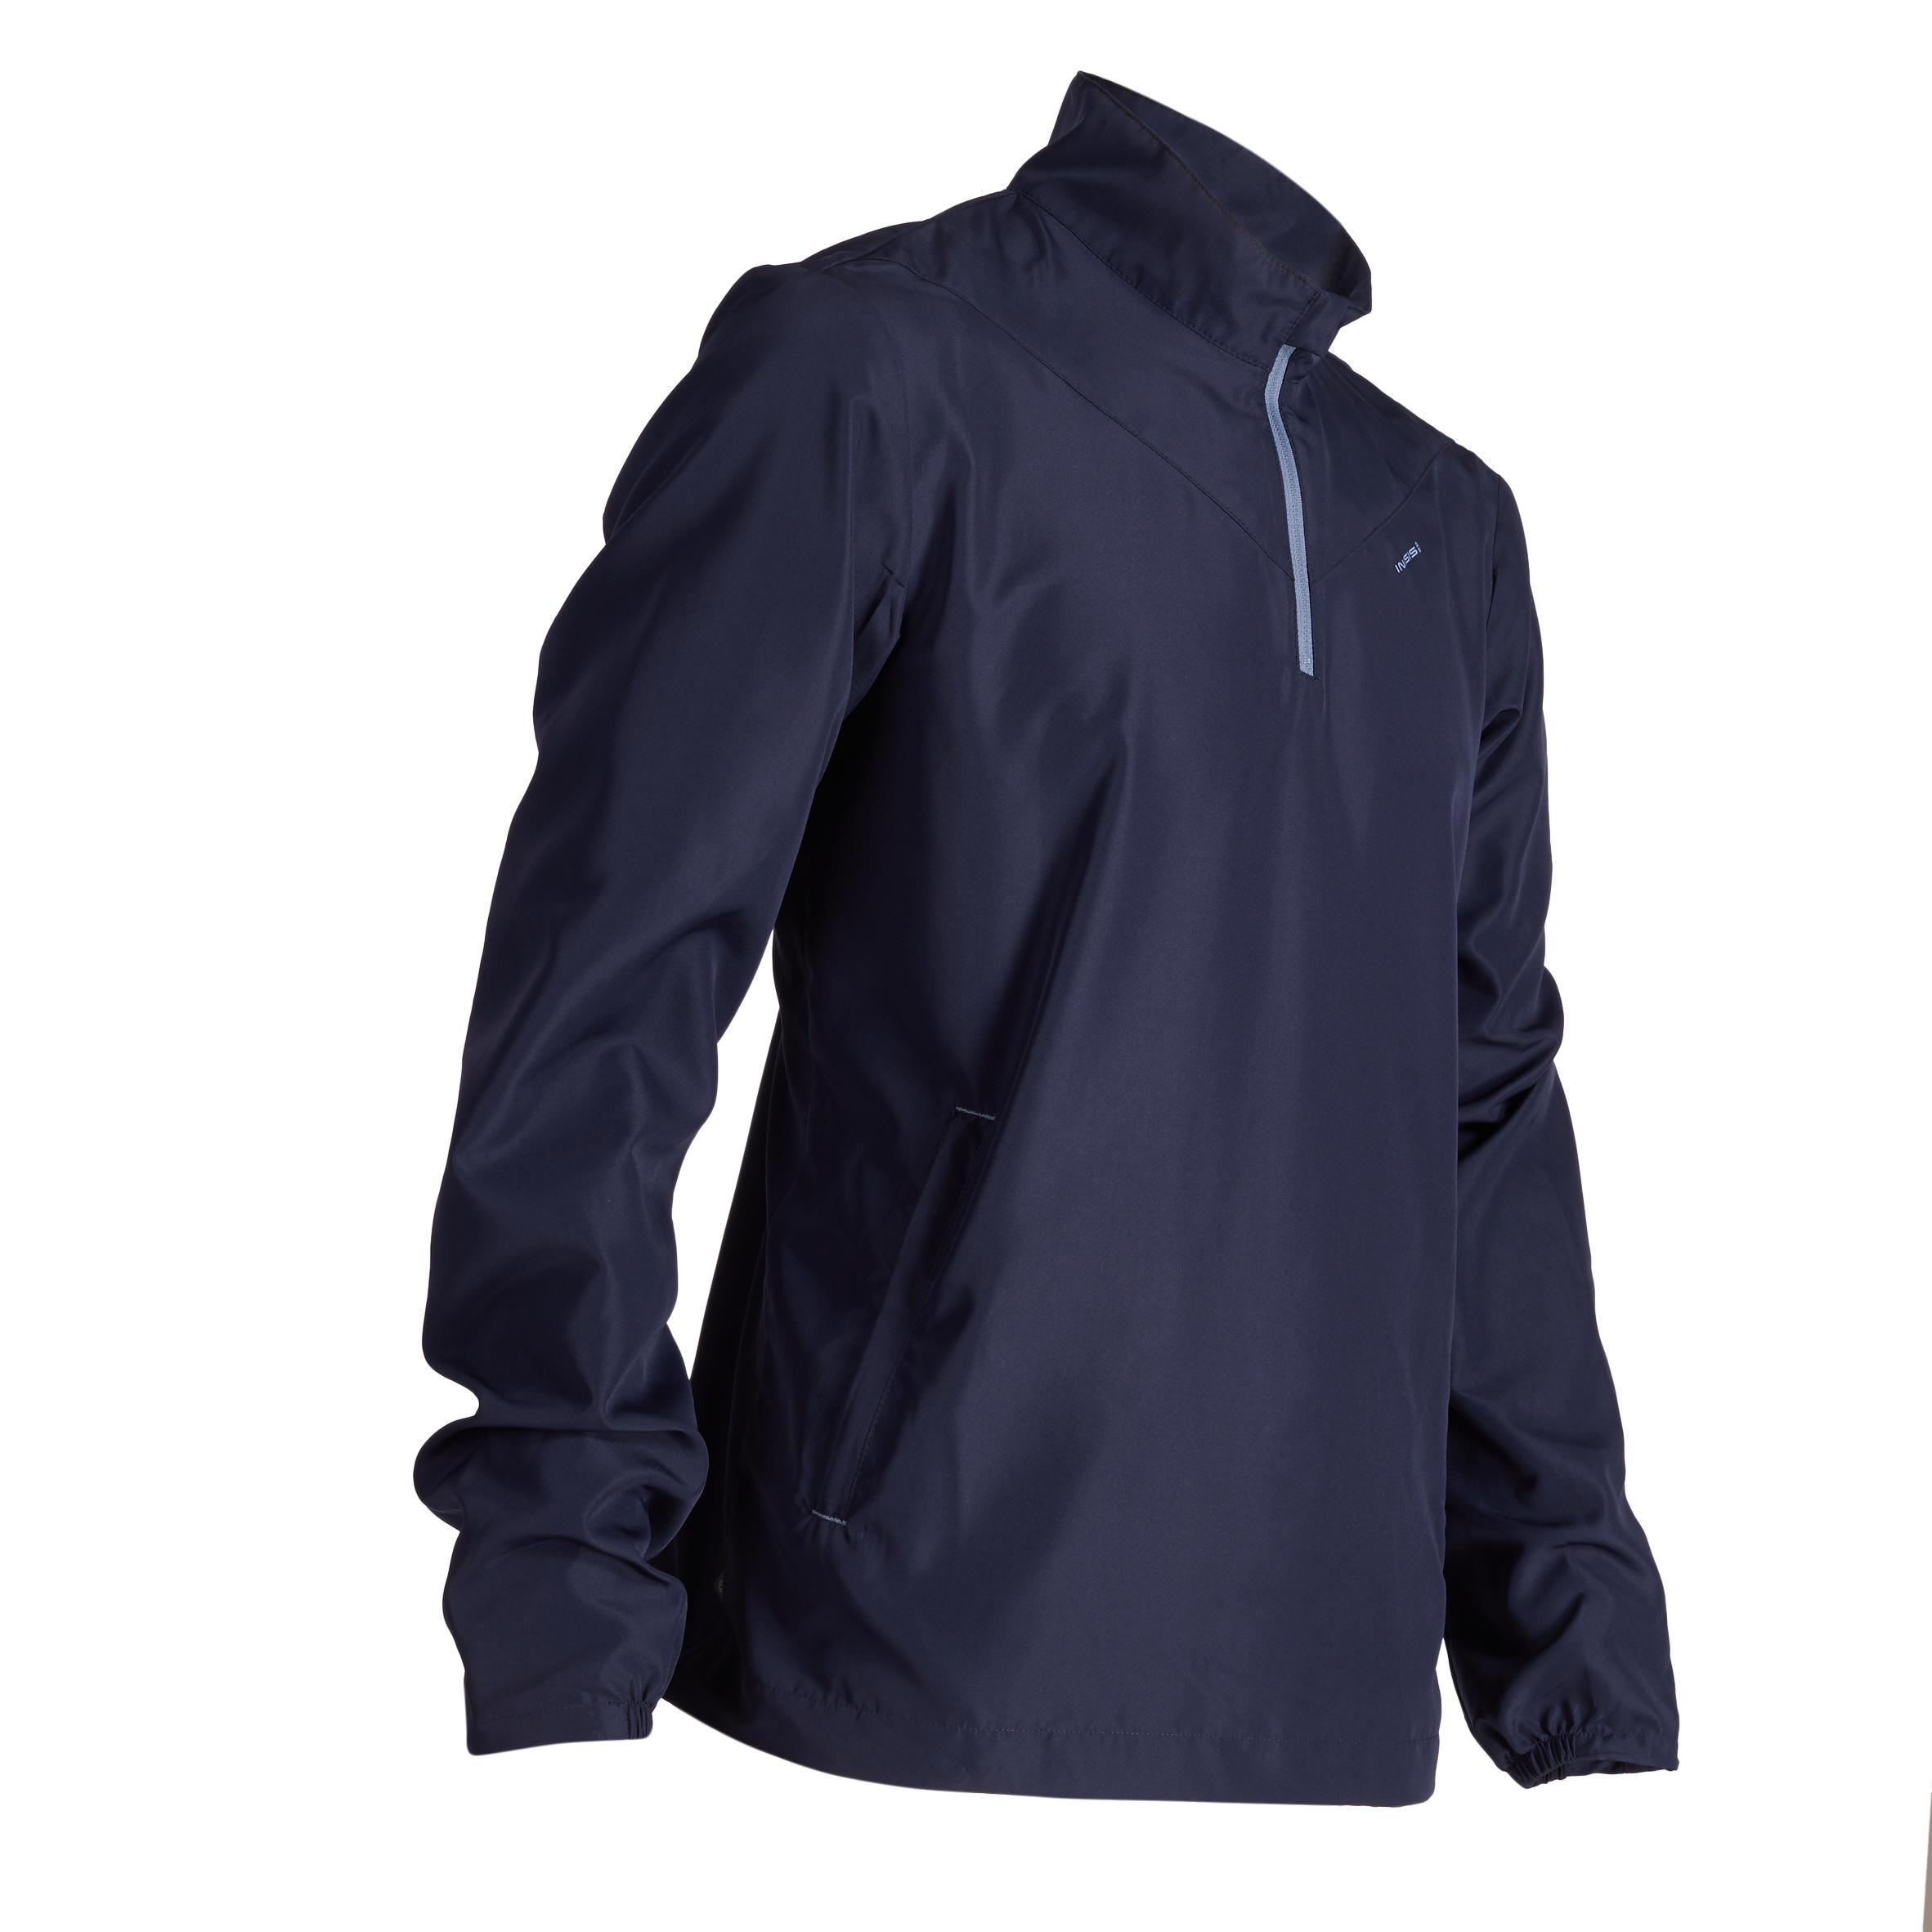 Comprar Impermeables y Cortavientos de Golf online  ae52d52dc1108